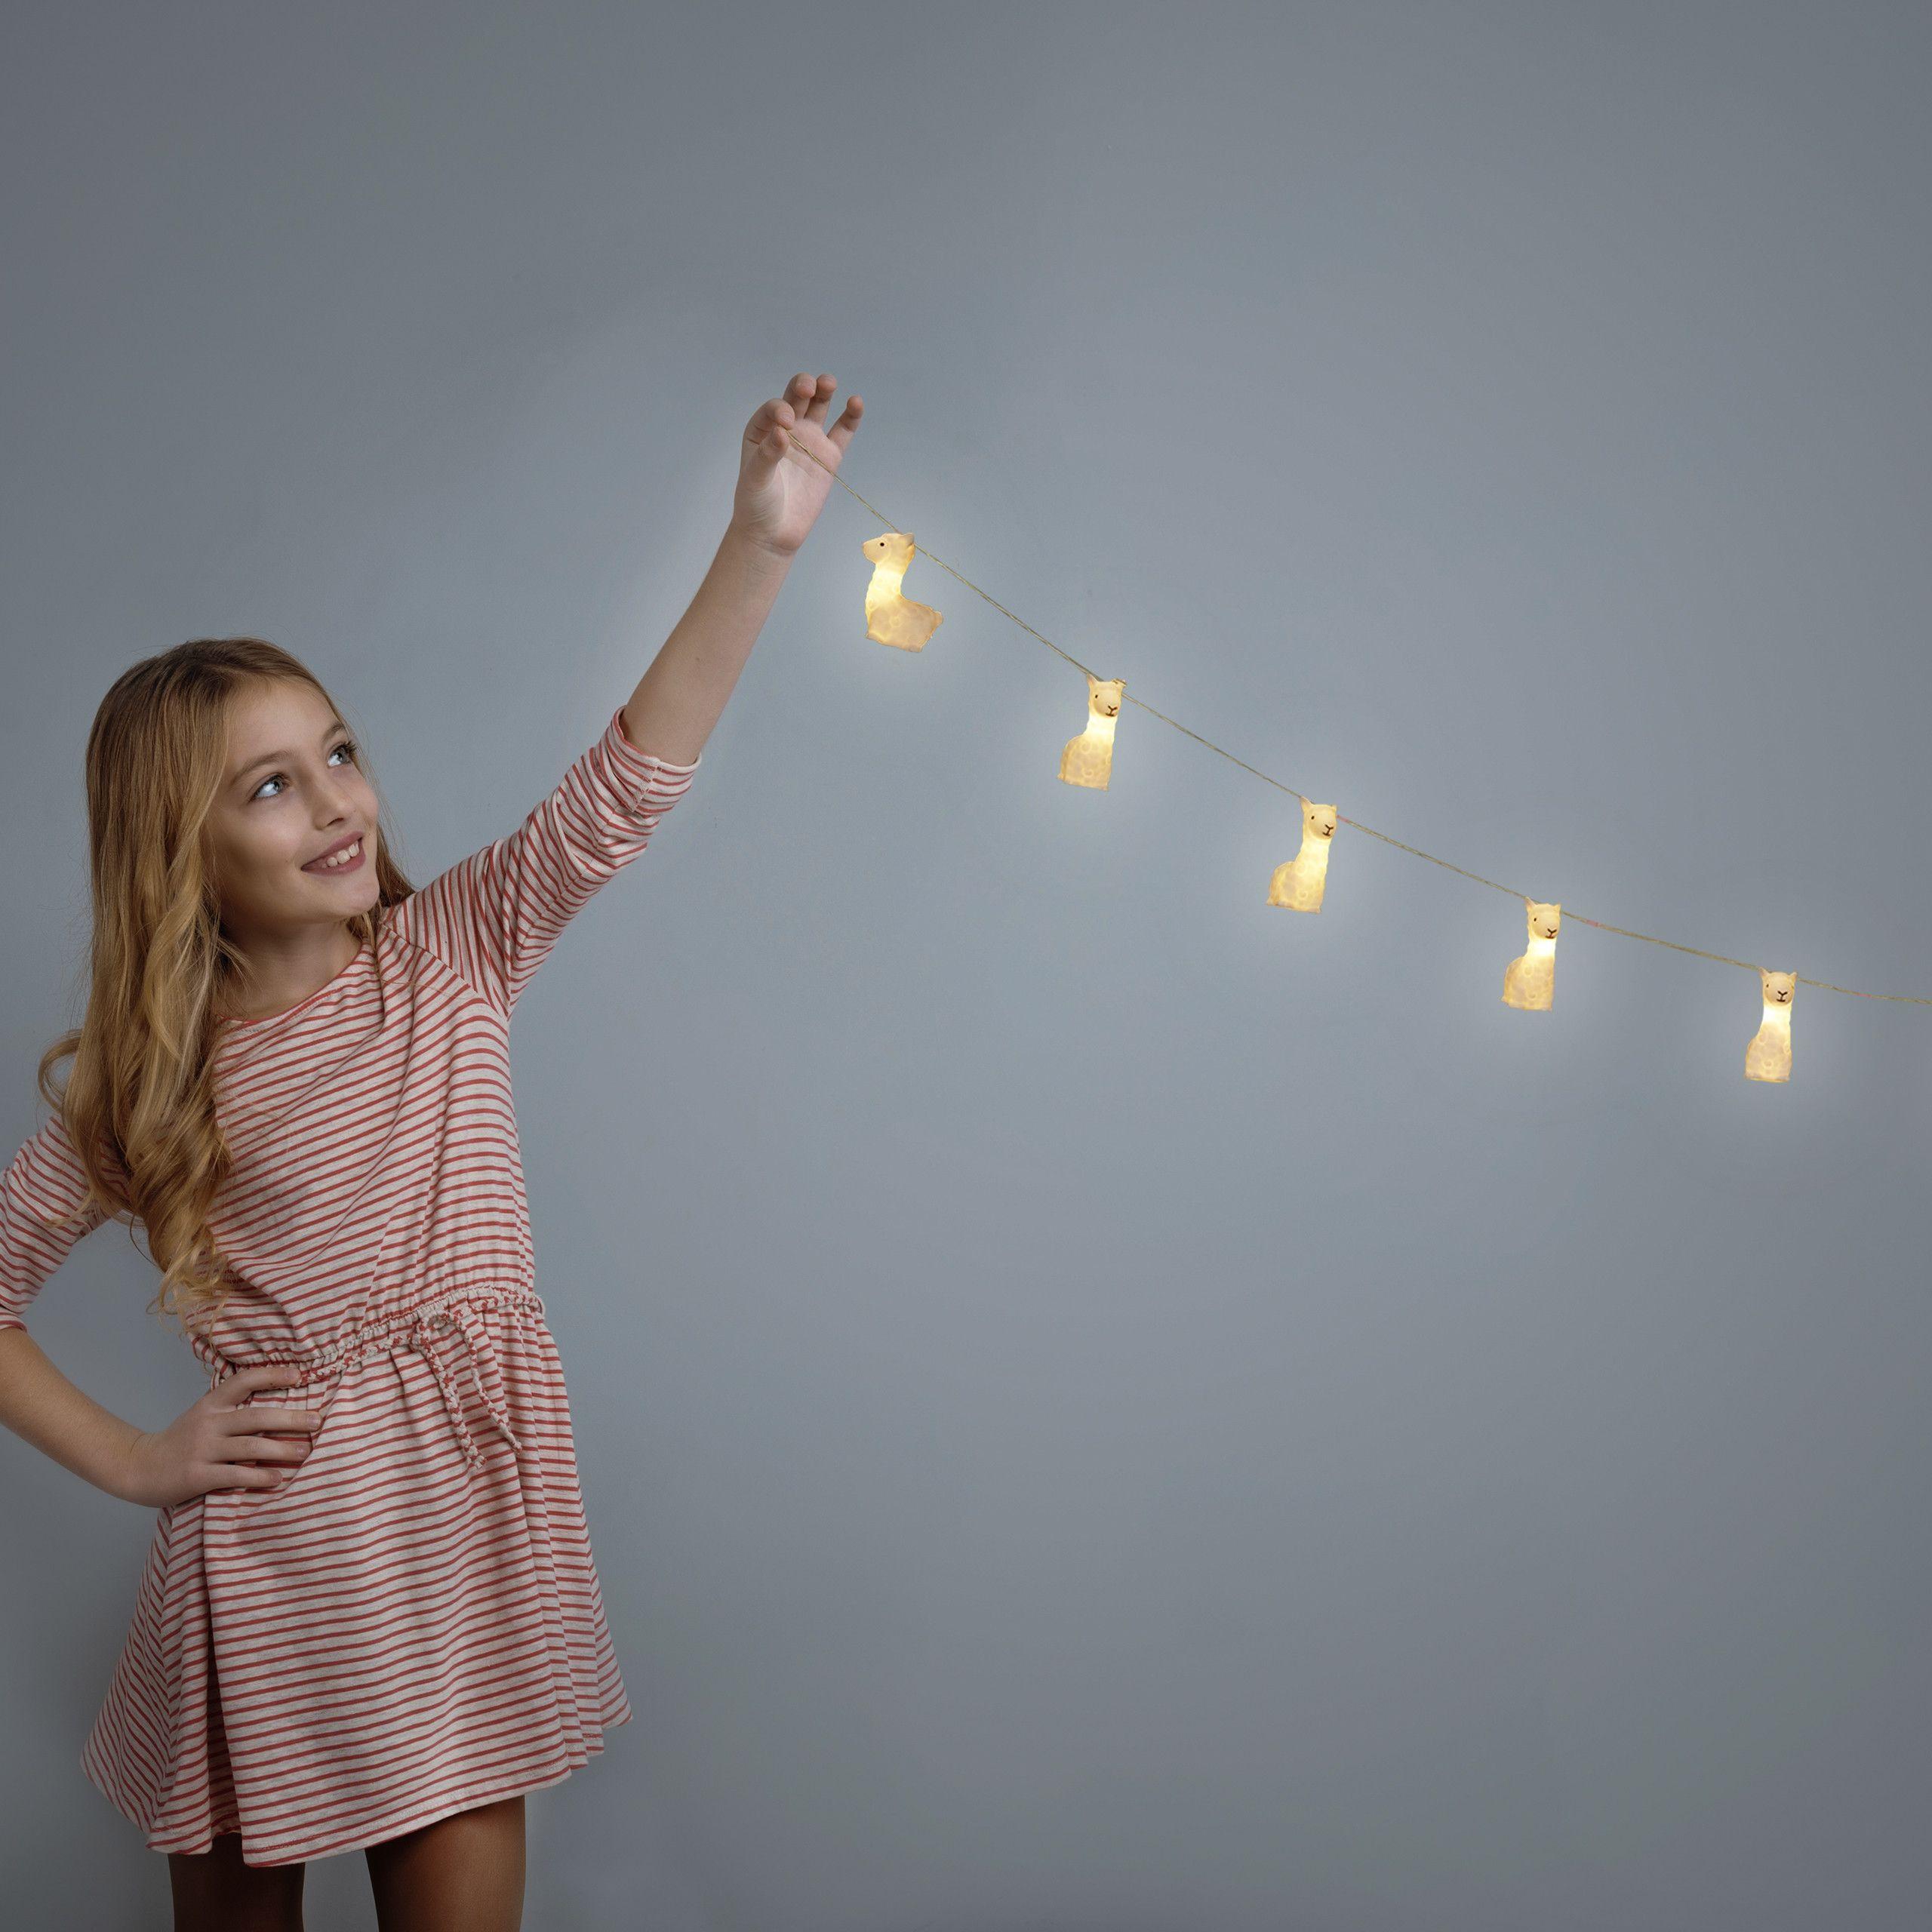 Lama Lichterkette Nacht Lichterkette LED Lichterkette Alpaka Lichtkette Batterie